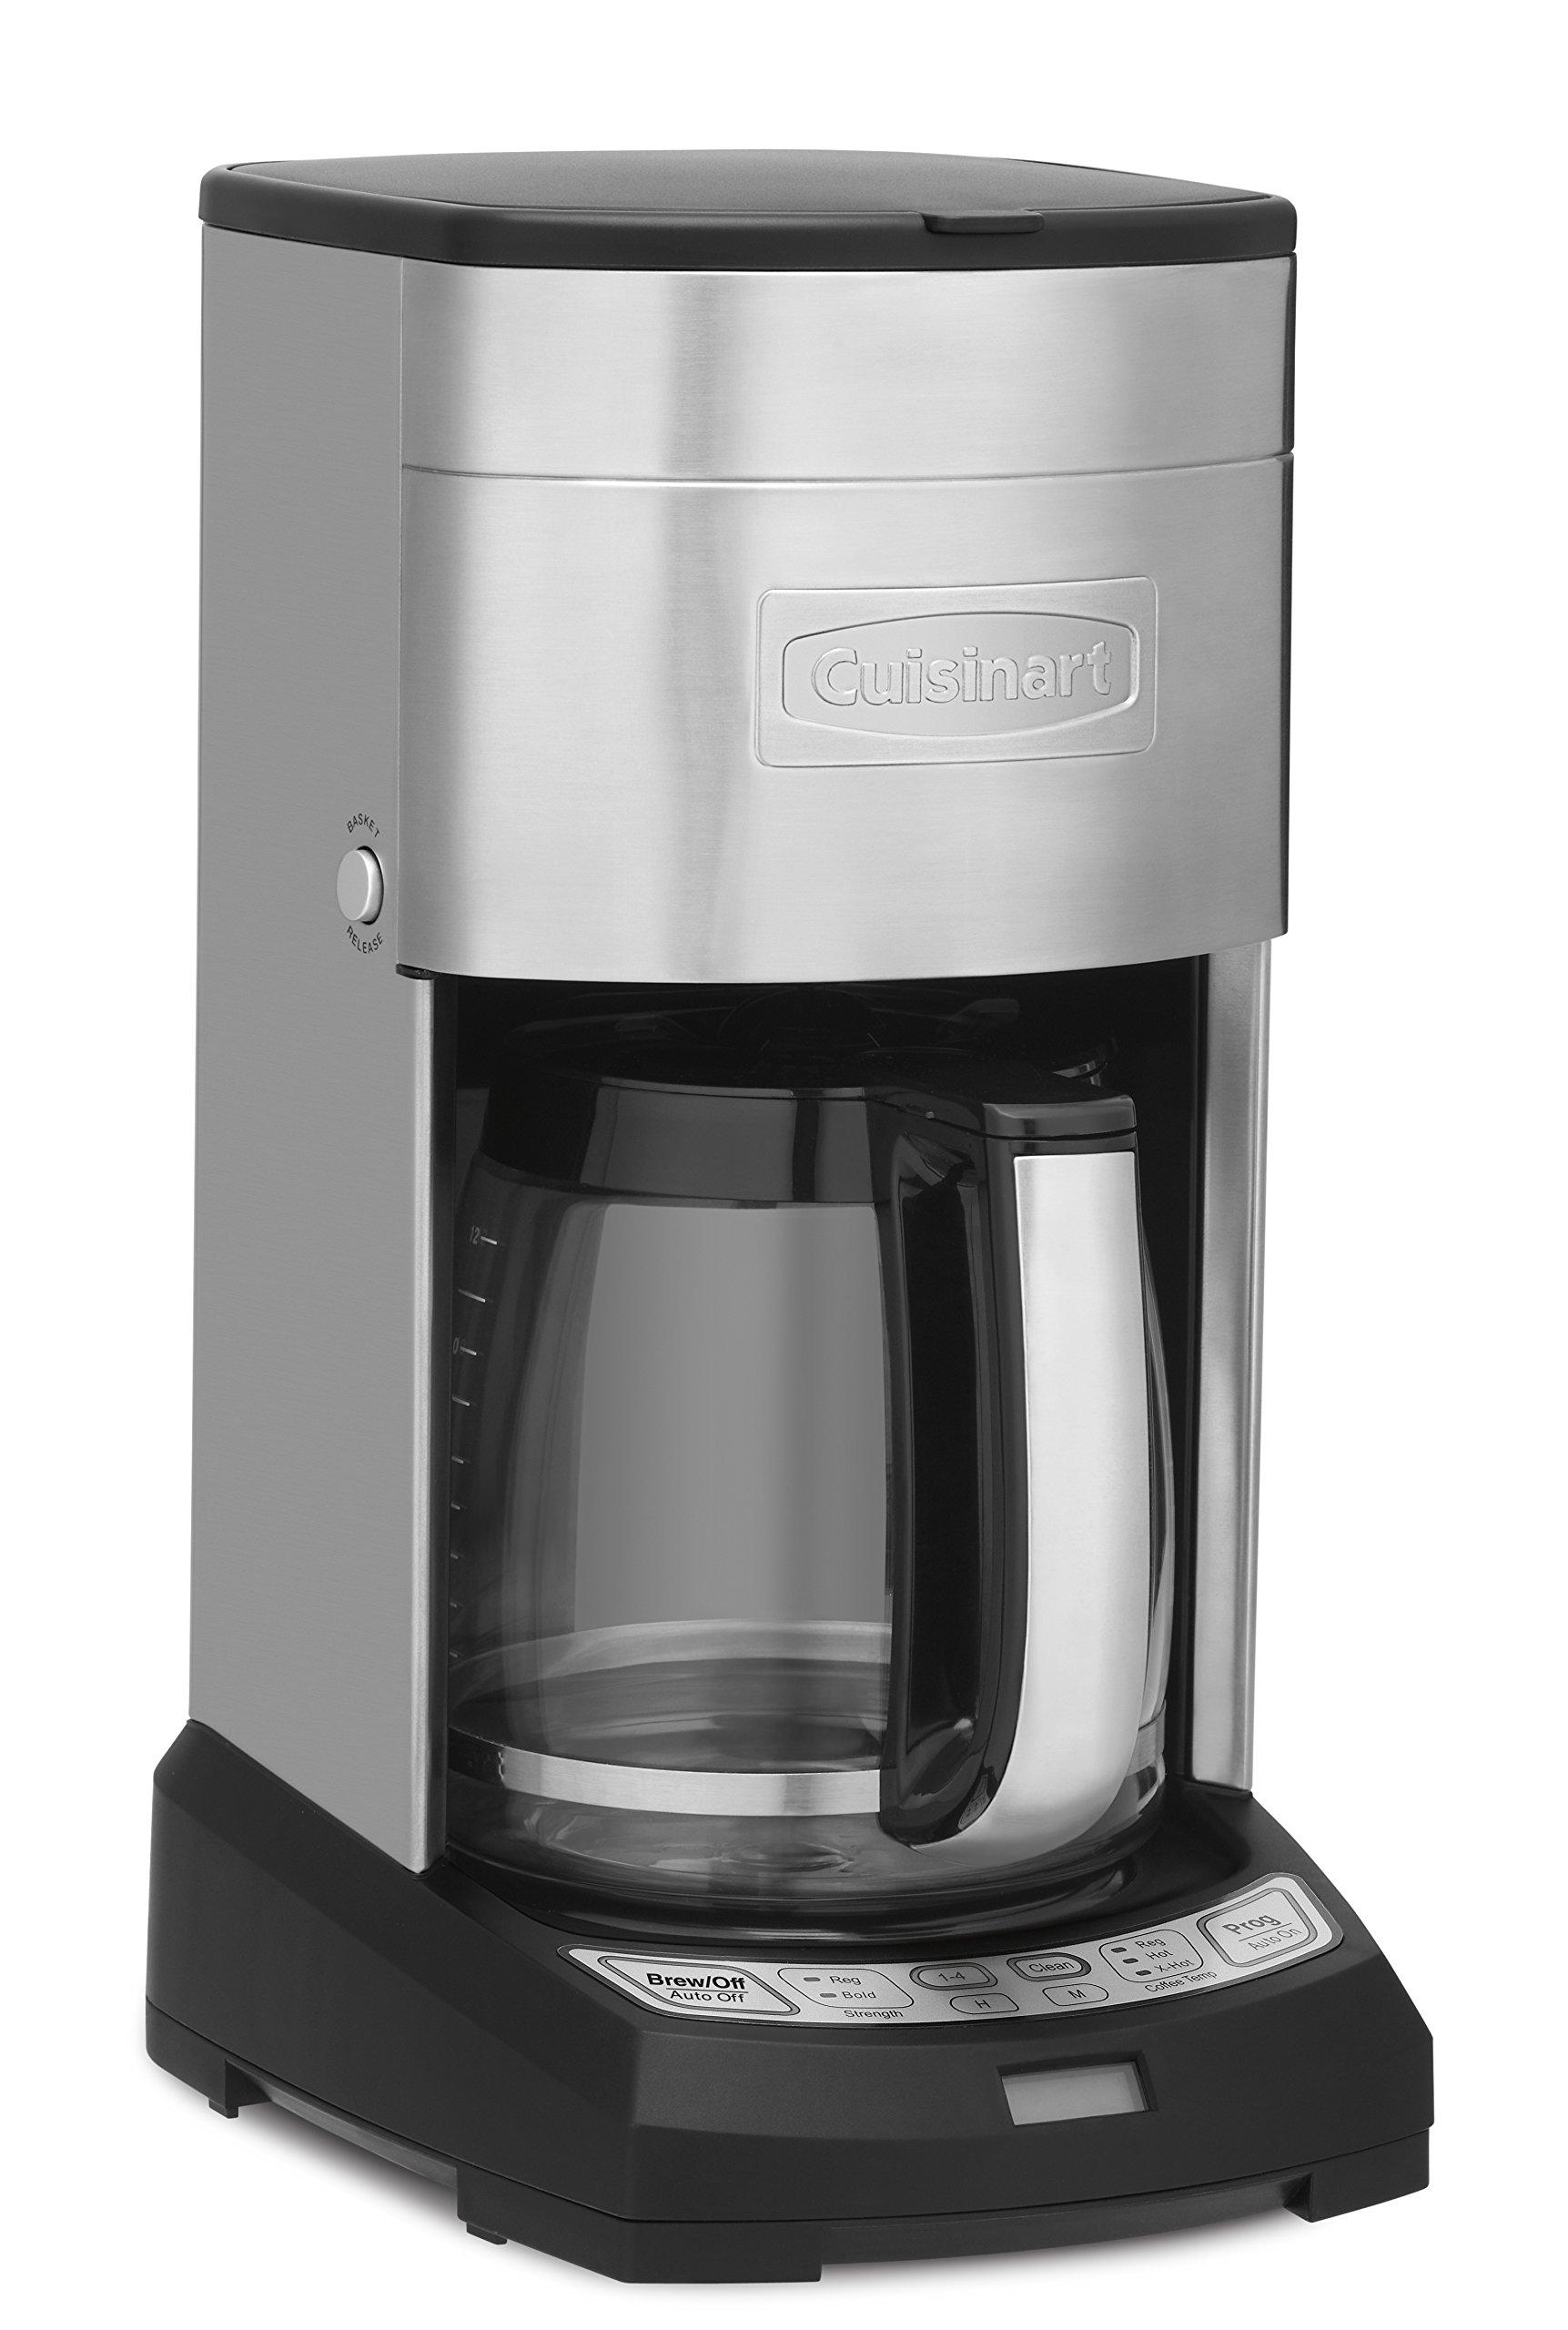 Cuisinart DCC-3650 Elite 12-Cup Coffeemaker, Stainless Steel - Amazon Exclusive